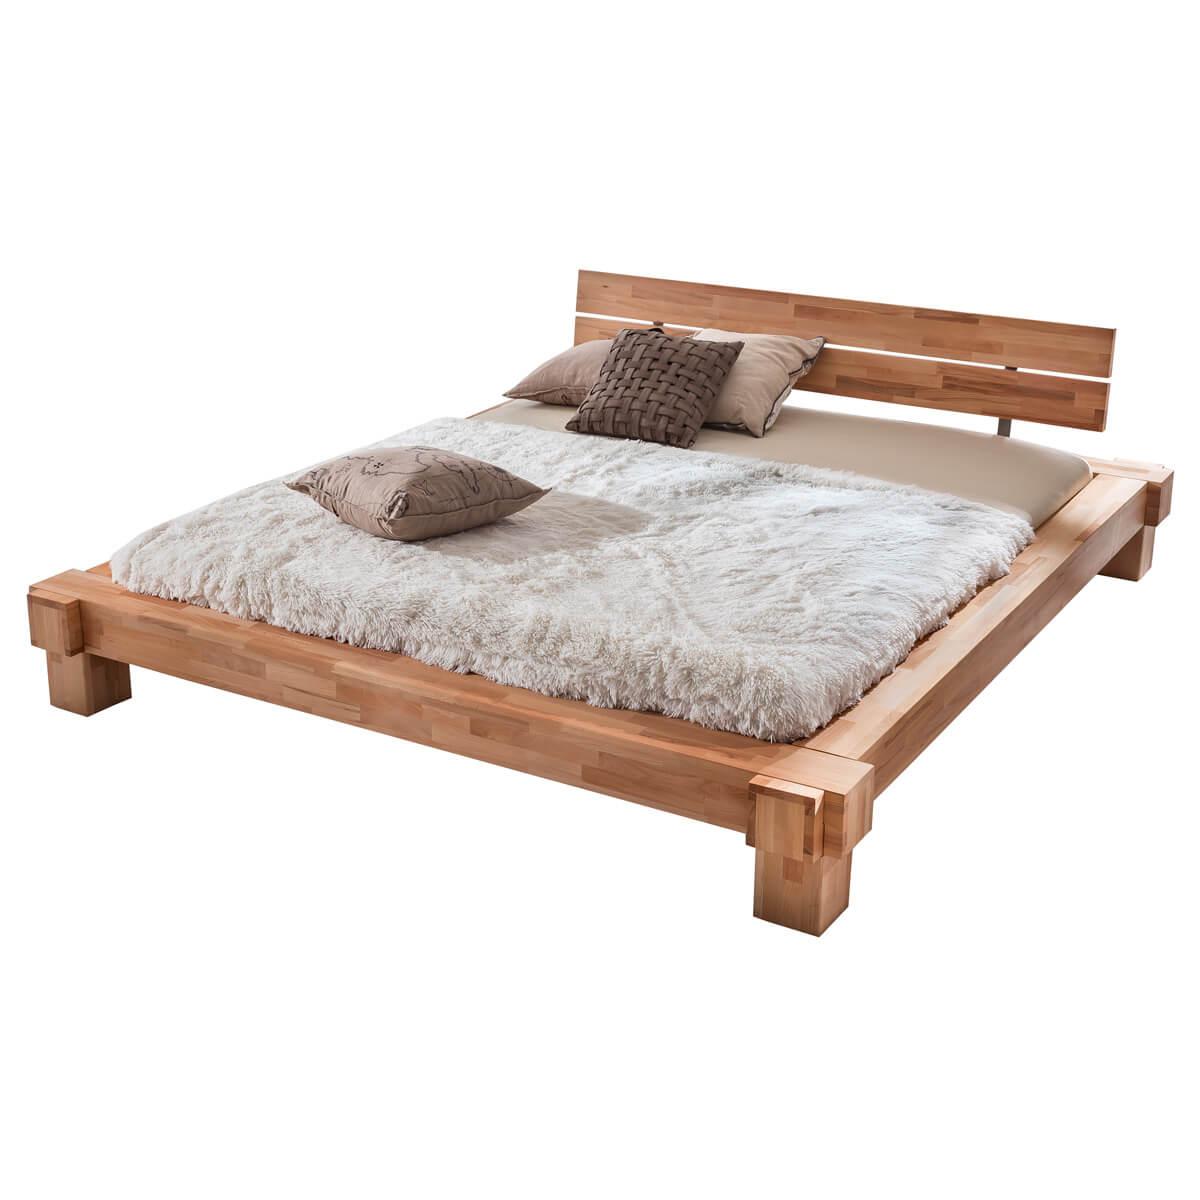 Full Size of Gebrauchte Betten 140x200 Kaufen Billige Ebay Bett Gunstig Gebrauchtes Online 58017785a2072 Günstig Günstige Mit Aufbewahrung Teenager 120x200 Amerikanische Bett Betten Kaufen 140x200